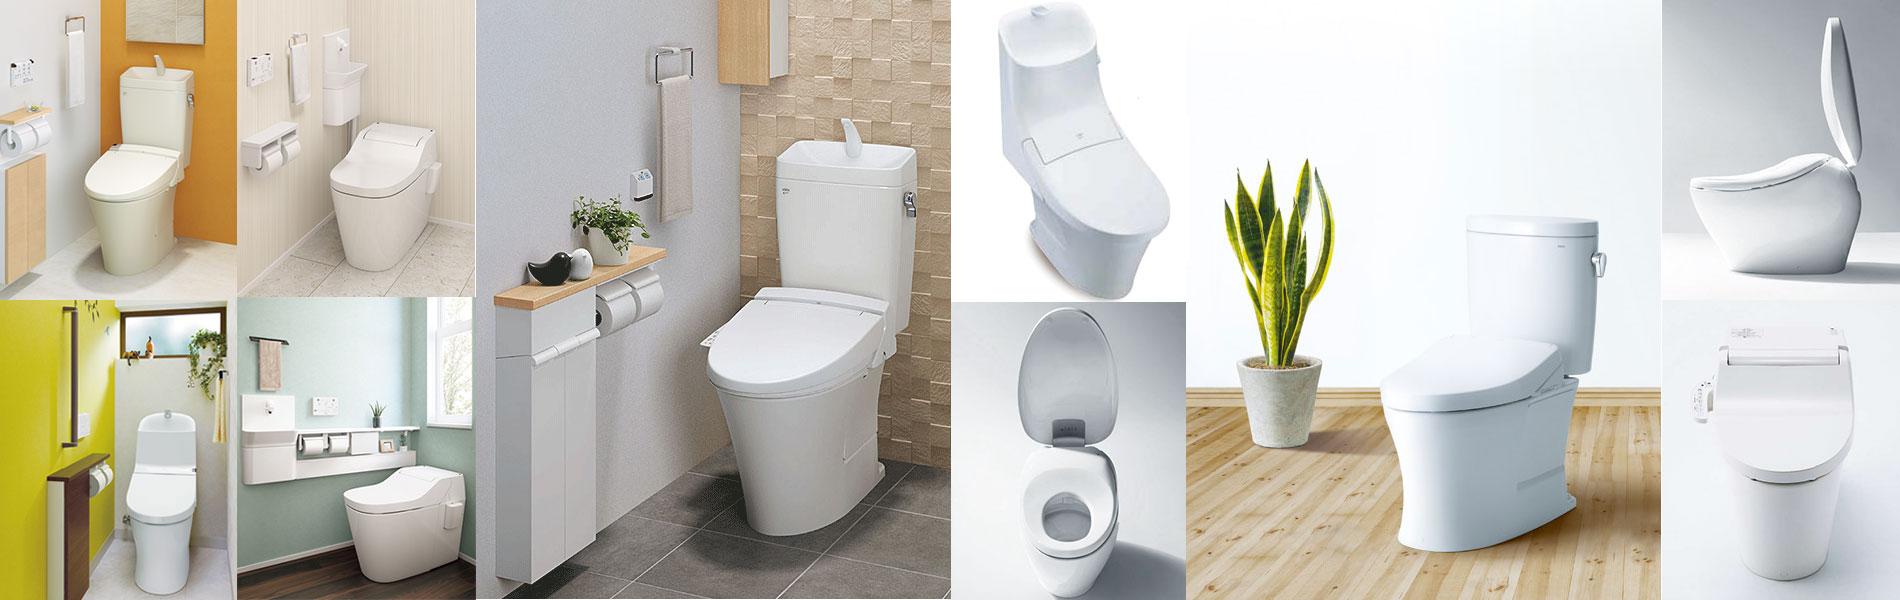 トイレのリフォームお任せ下さい!ウォシュレット交換 26,800円(税別)~ トイレも一緒に交換しても111,800円(税別)~